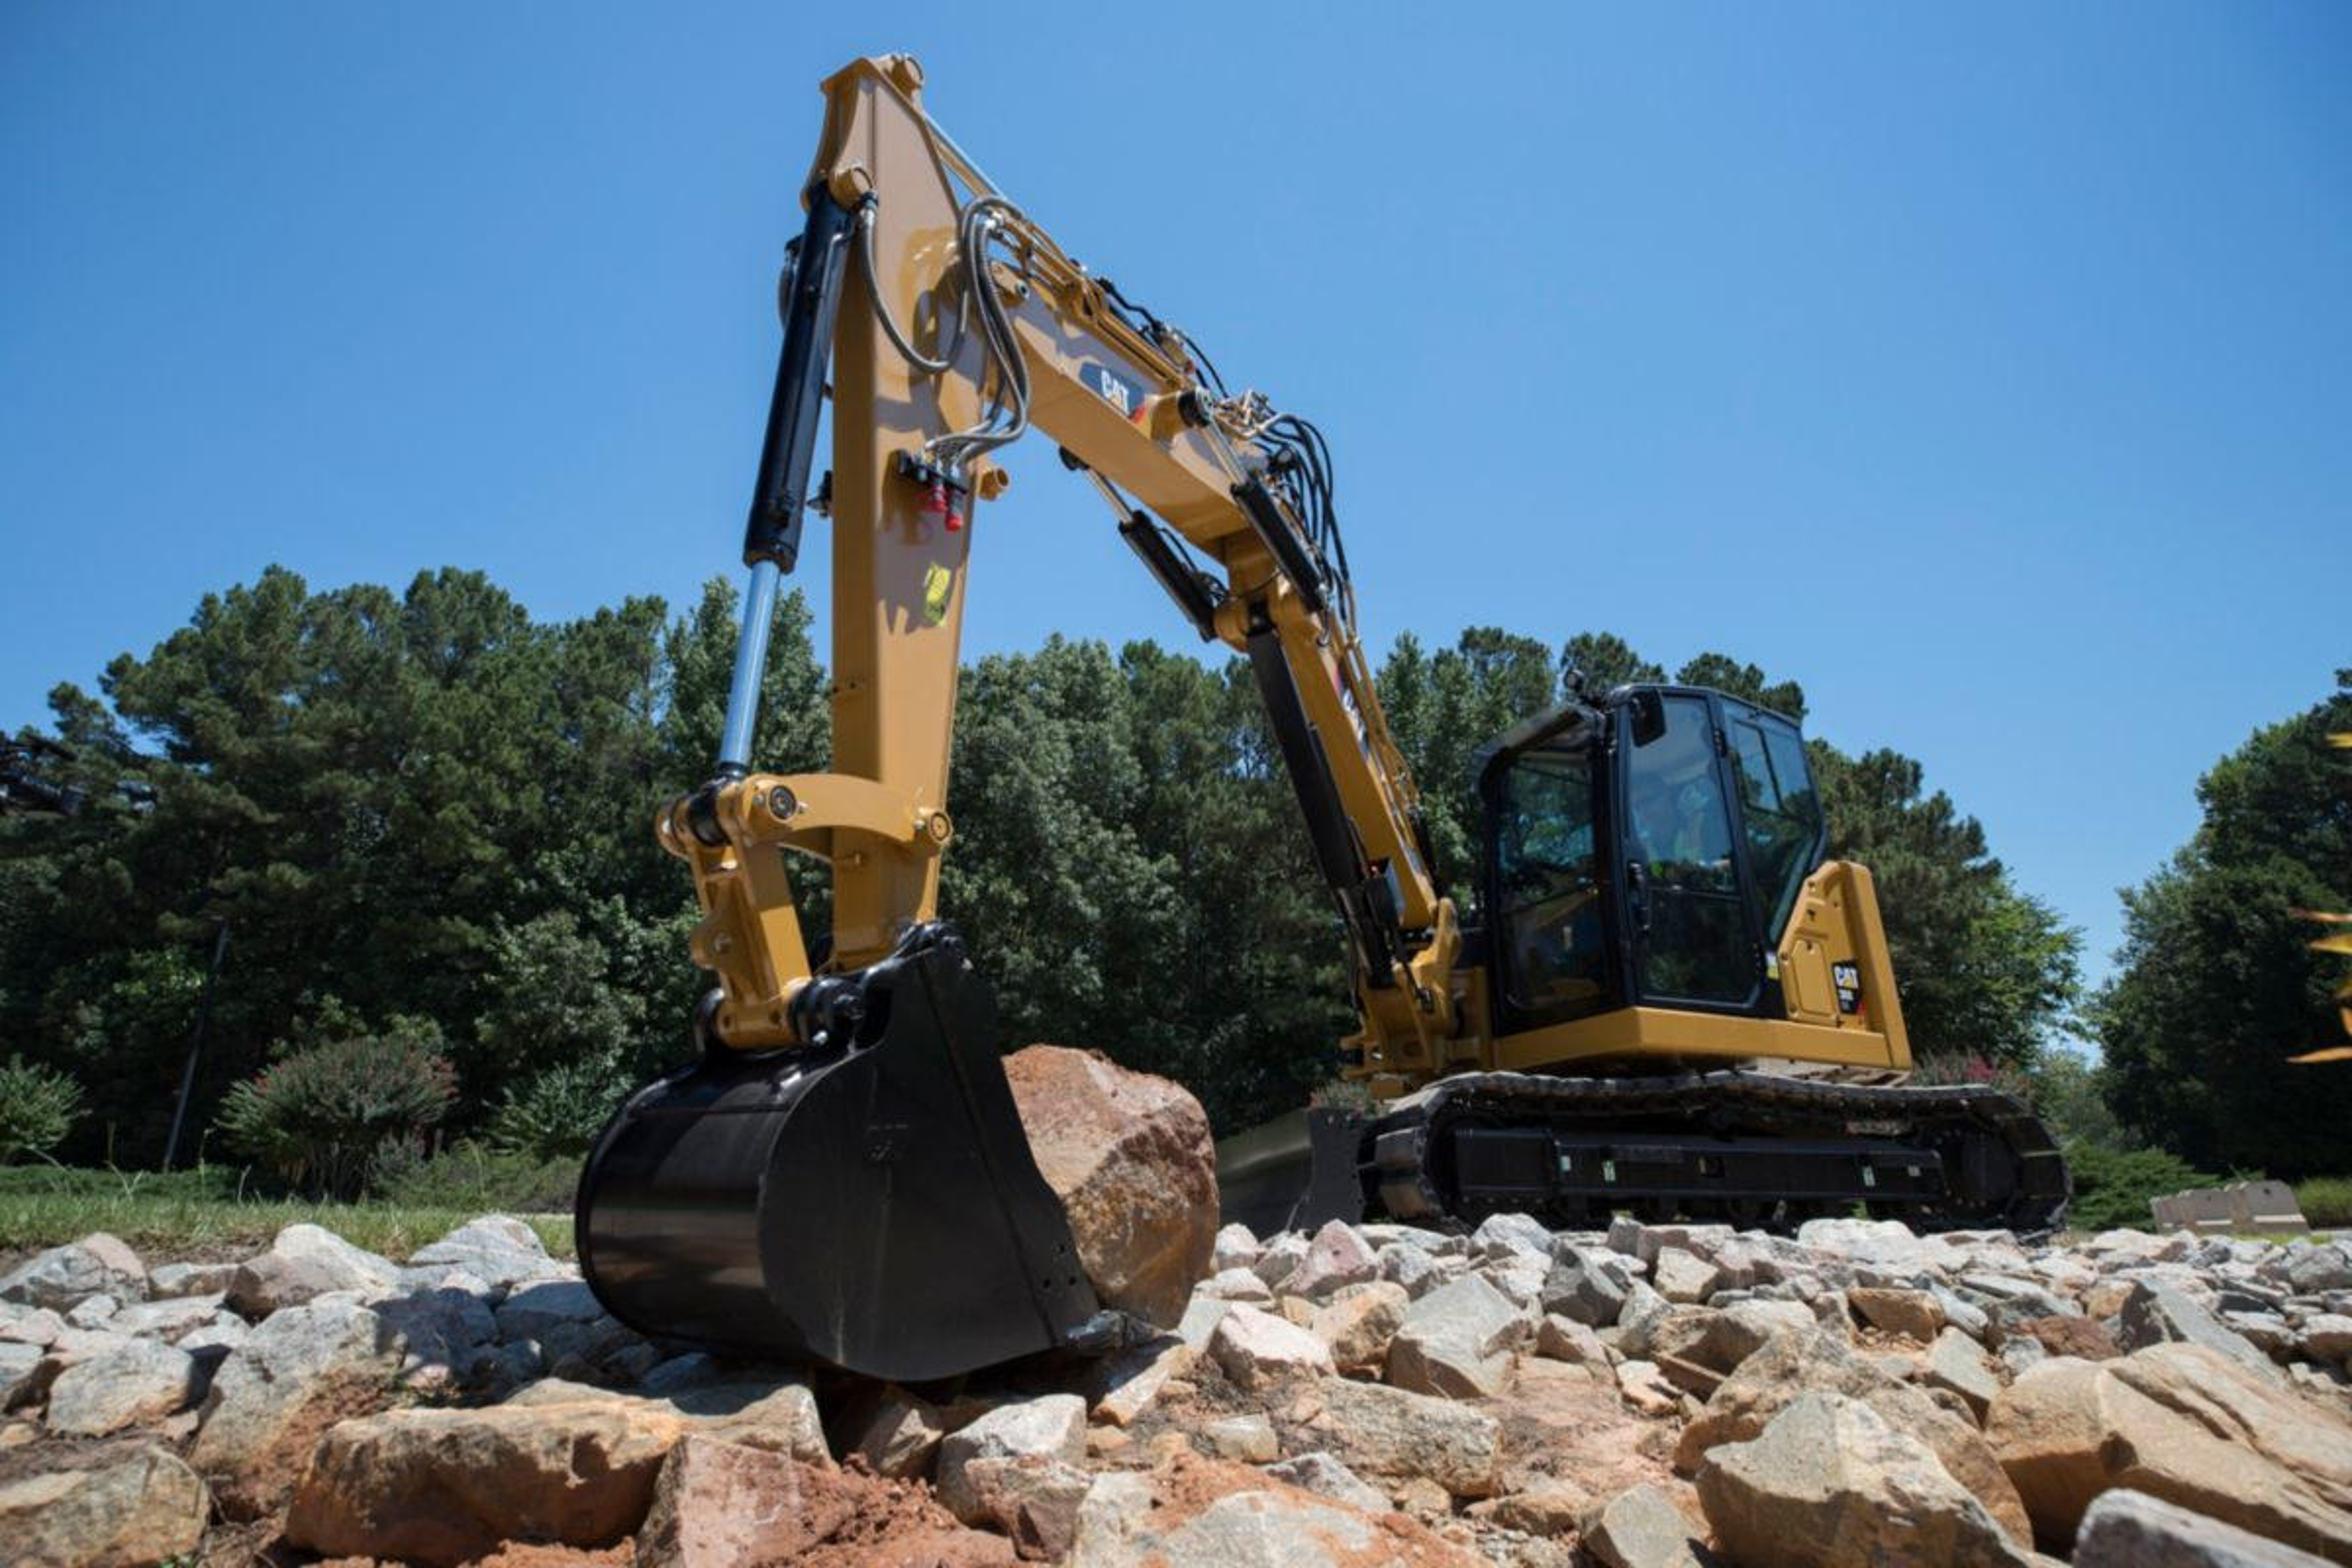 The Cat Next Generation 308 CR VAB mini excavator